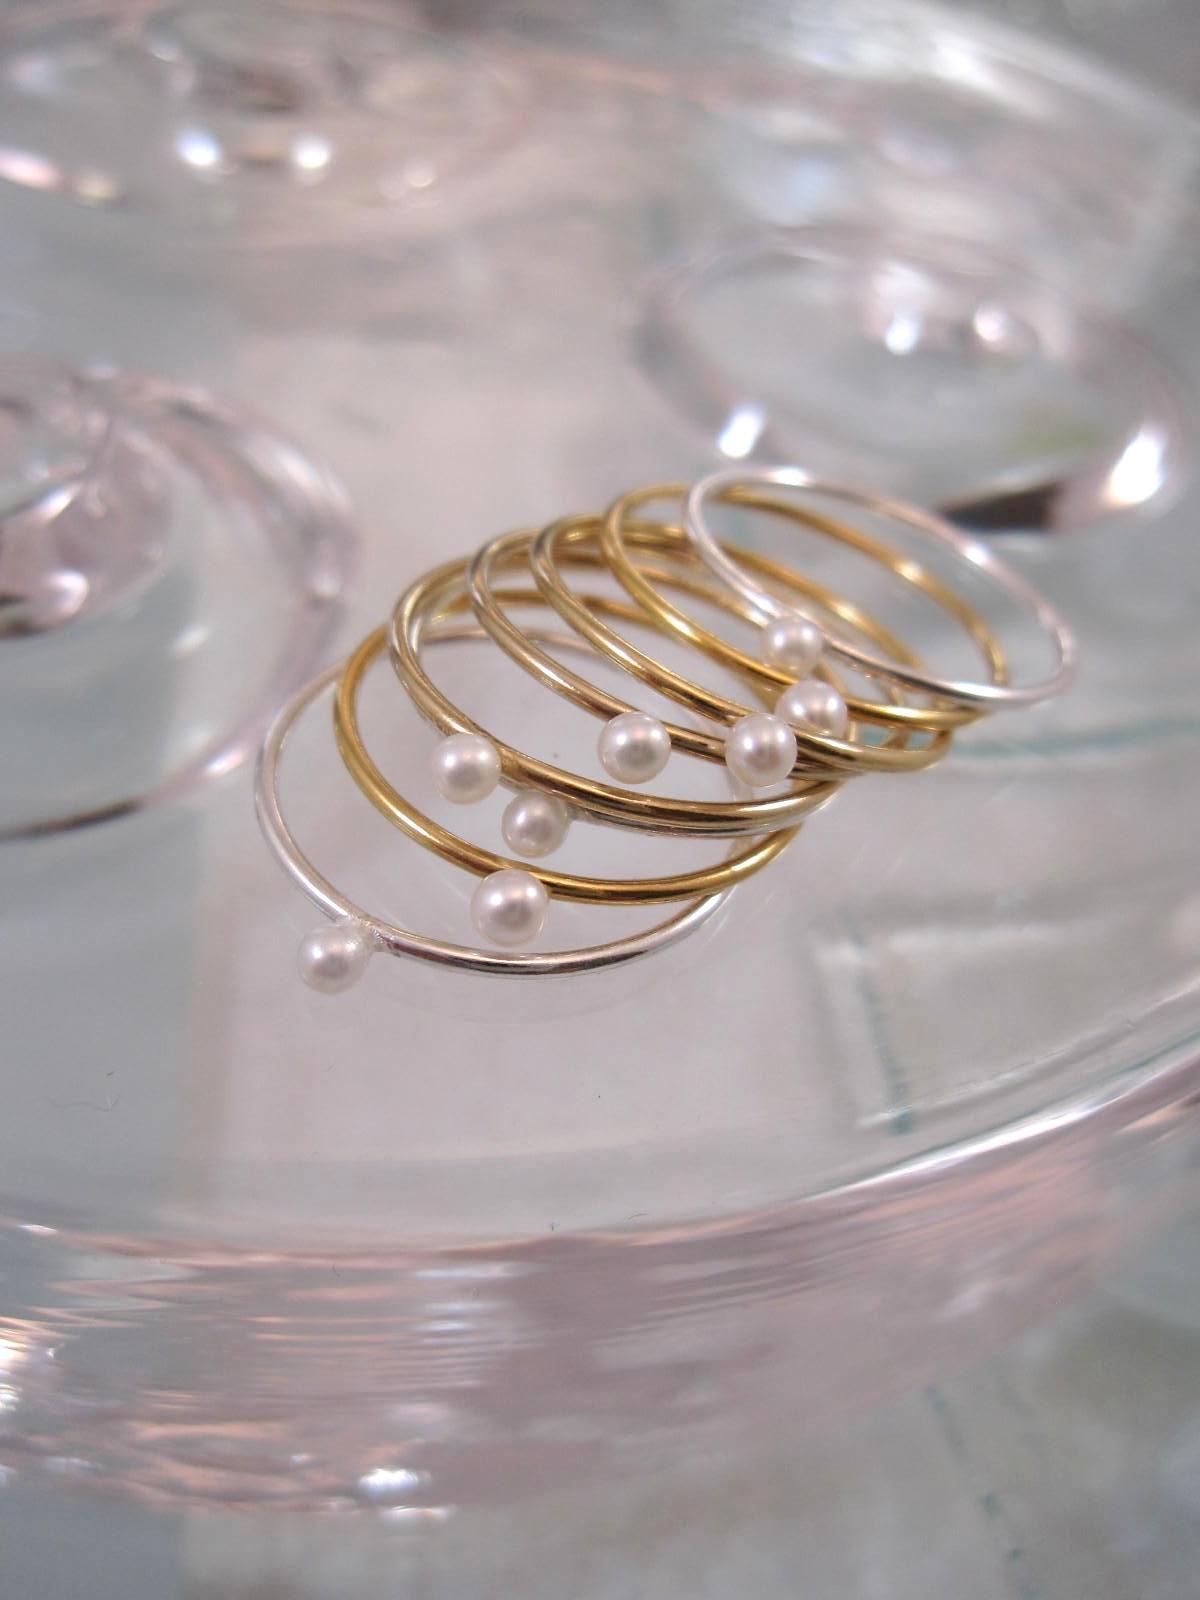 affär på nätet med smycken i silver och guld